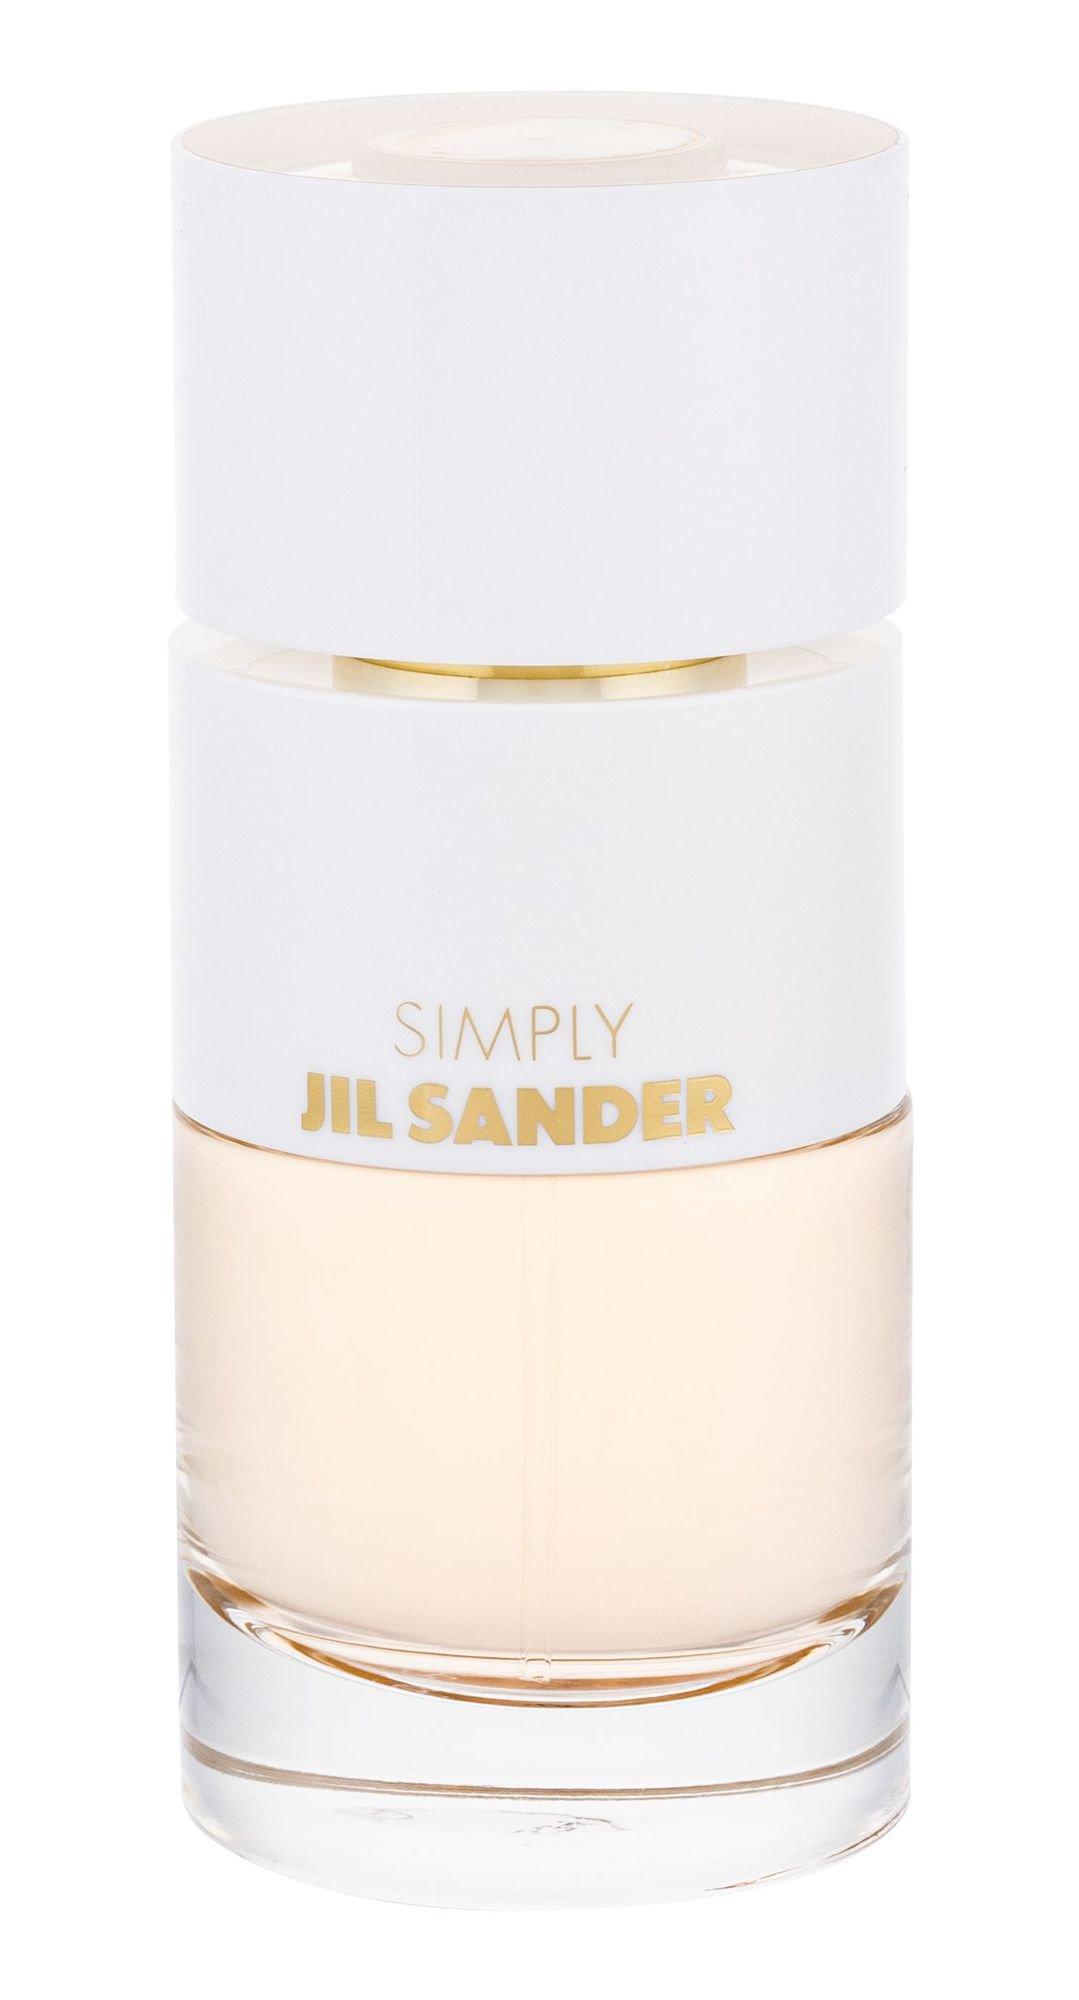 Jil Sander Simply Jil Sander, Toaletní voda 60ml - Tester